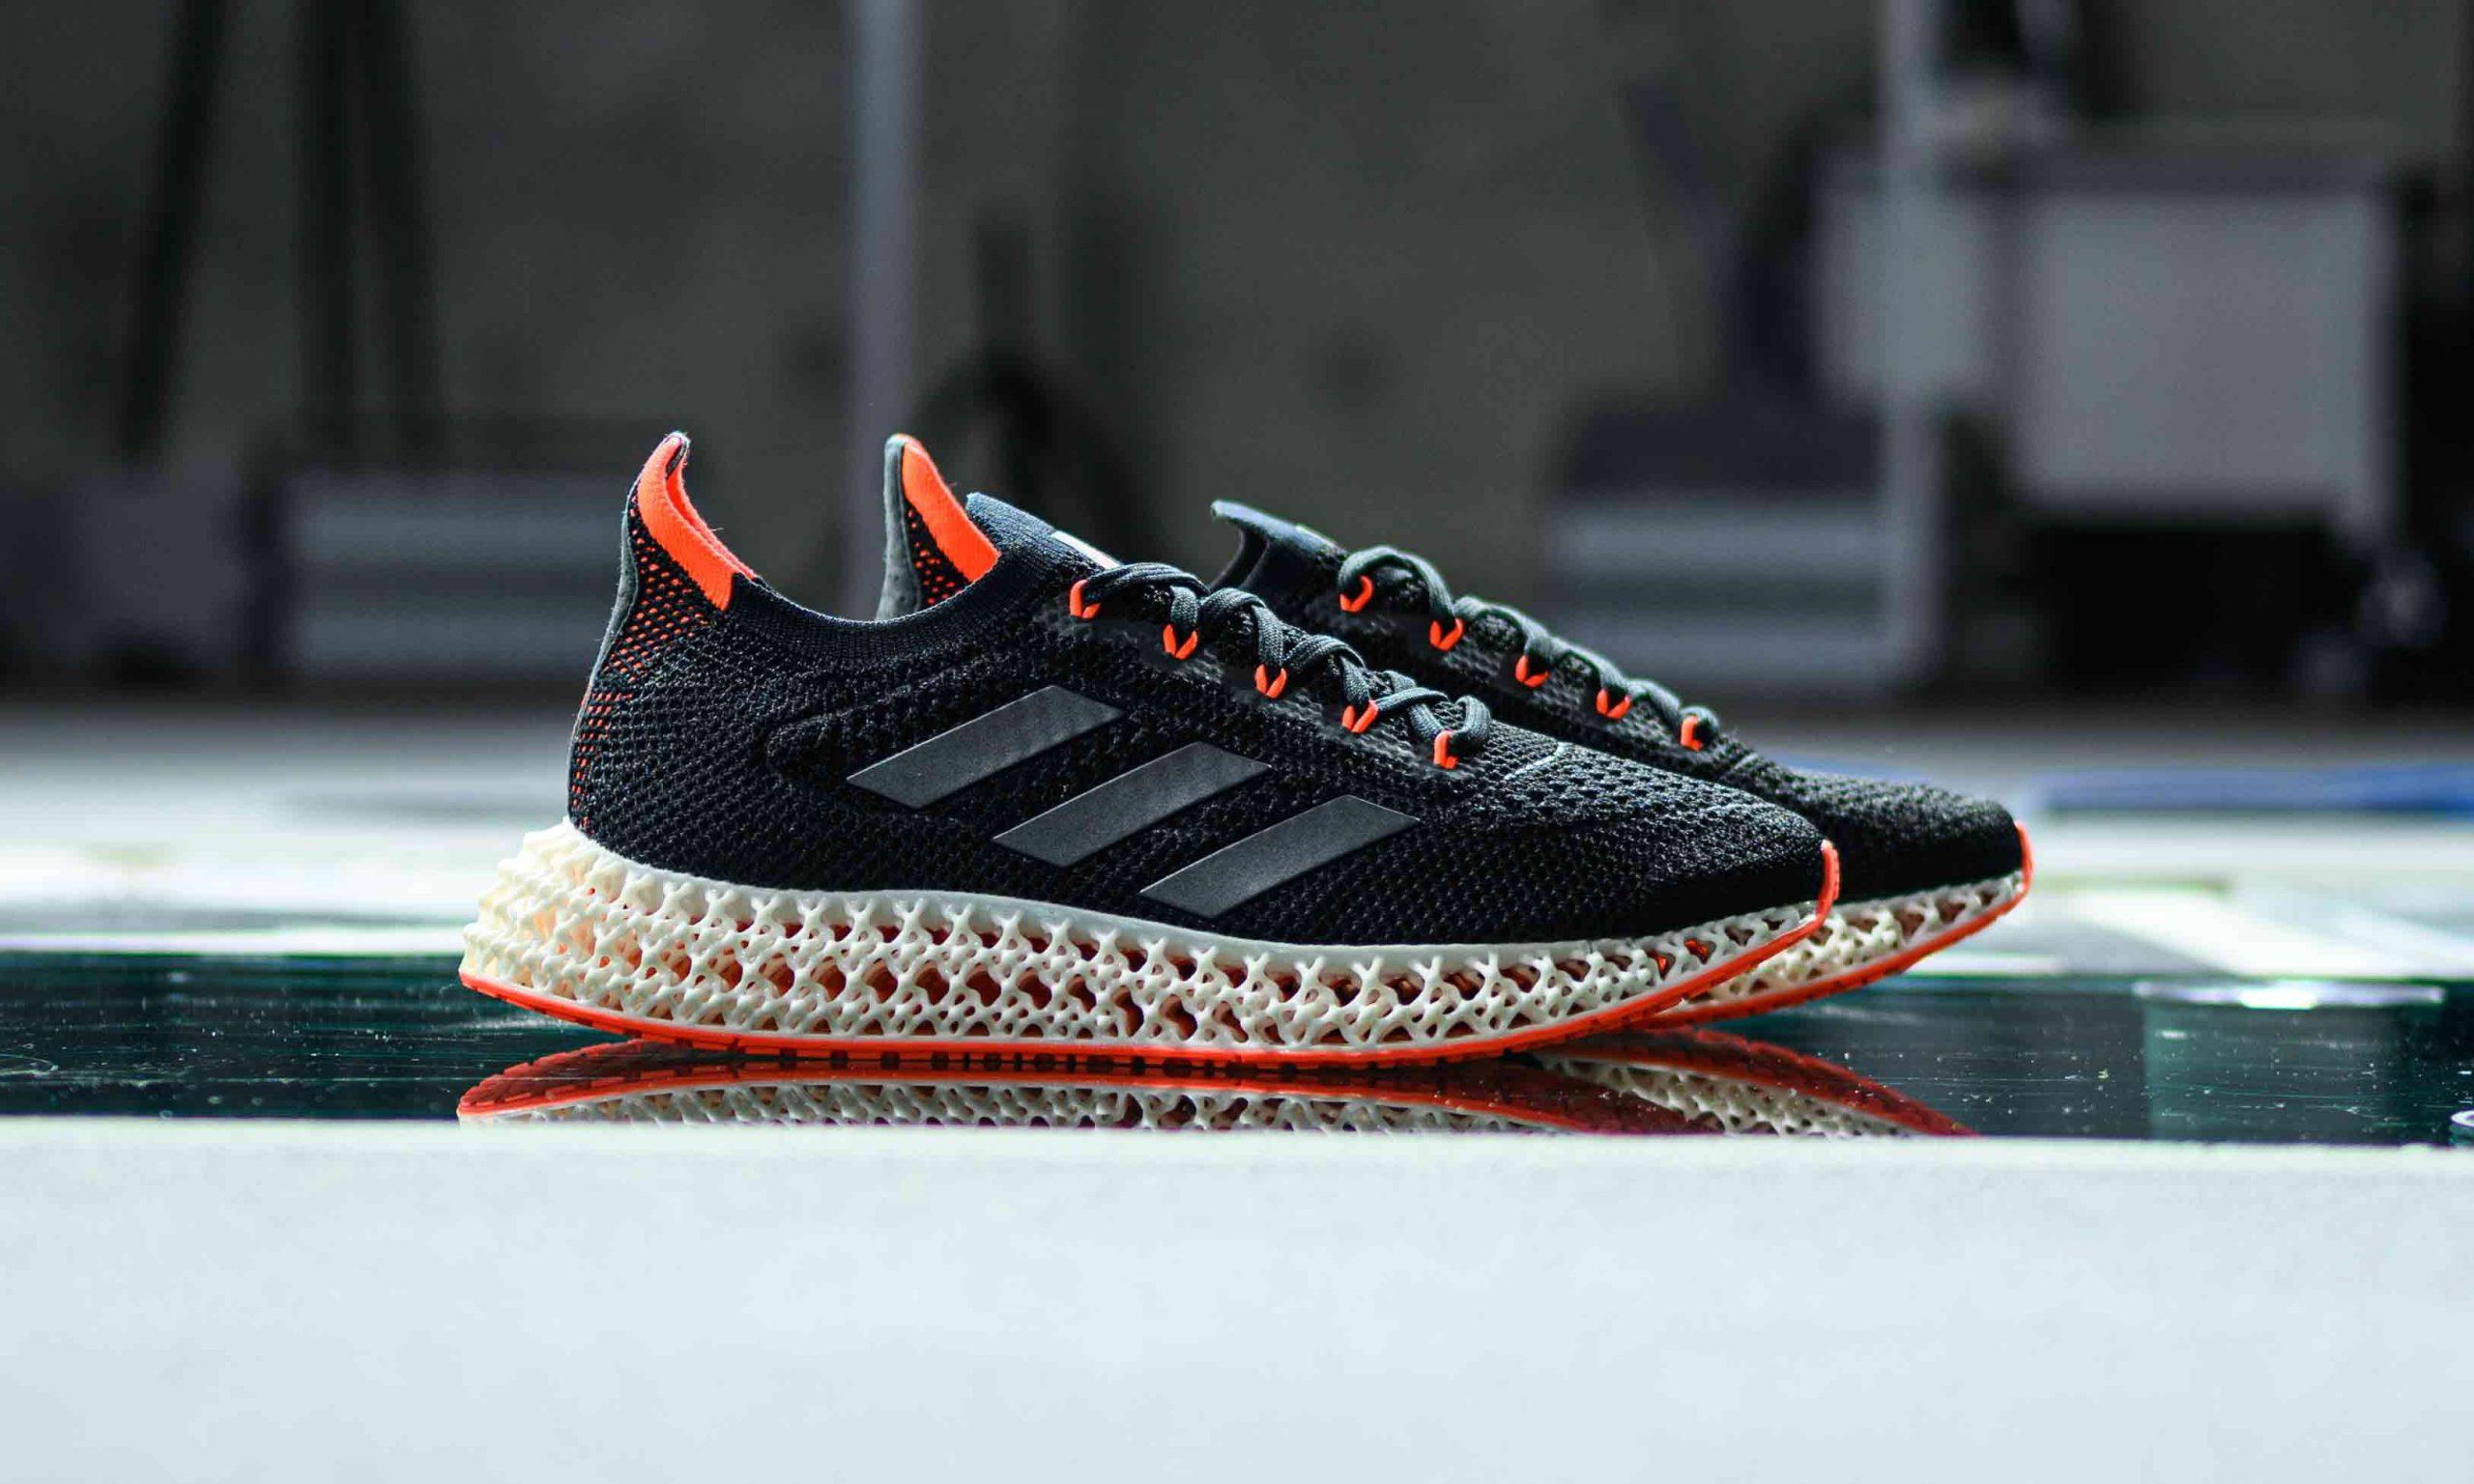 三倍动力 GET,adidas 发布全新 4DFWD 跑鞋